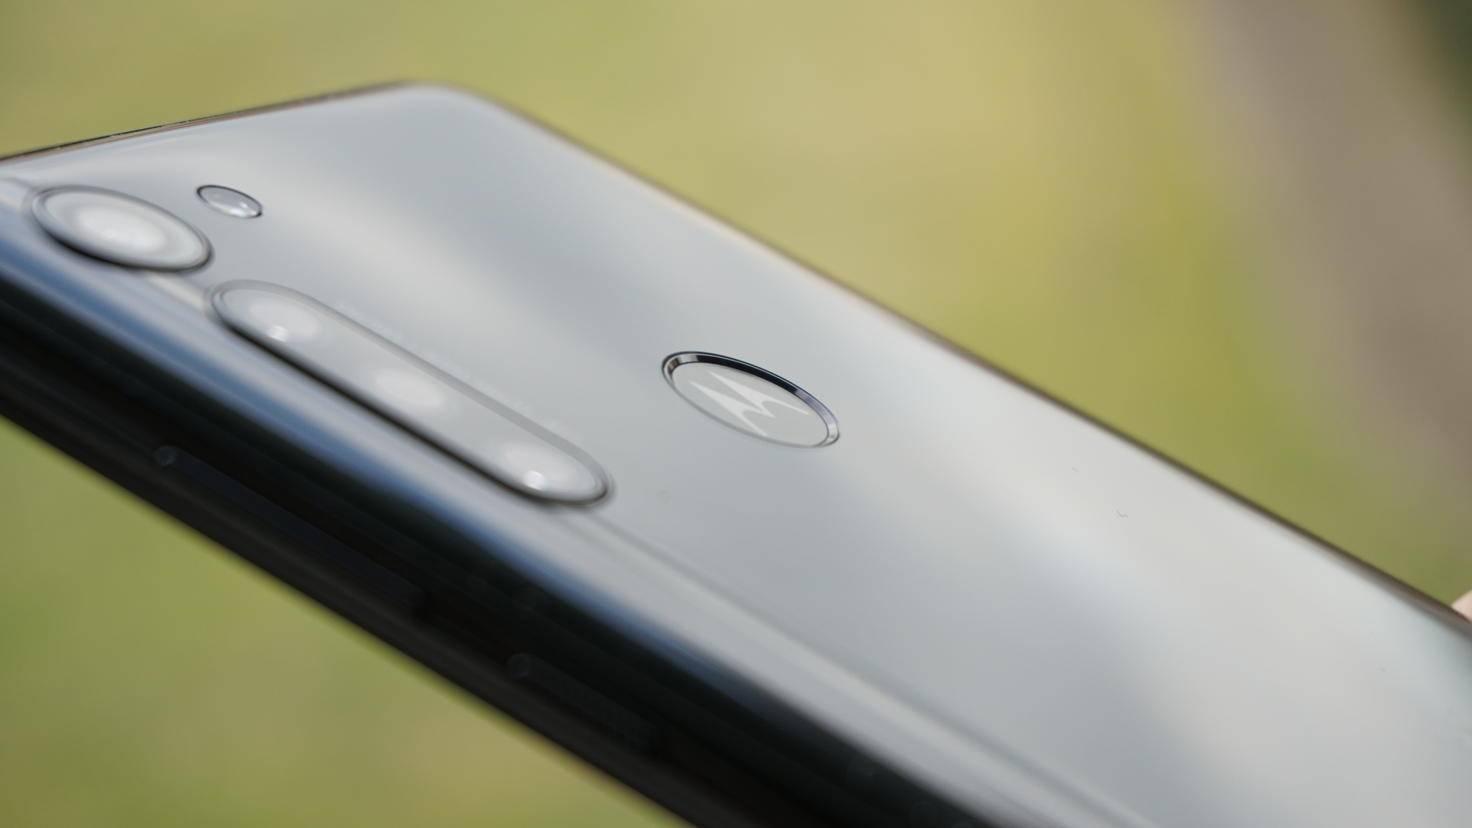 Eine glänzende Rückseite zieht vor allem Fingerabdrücke und Staub an.